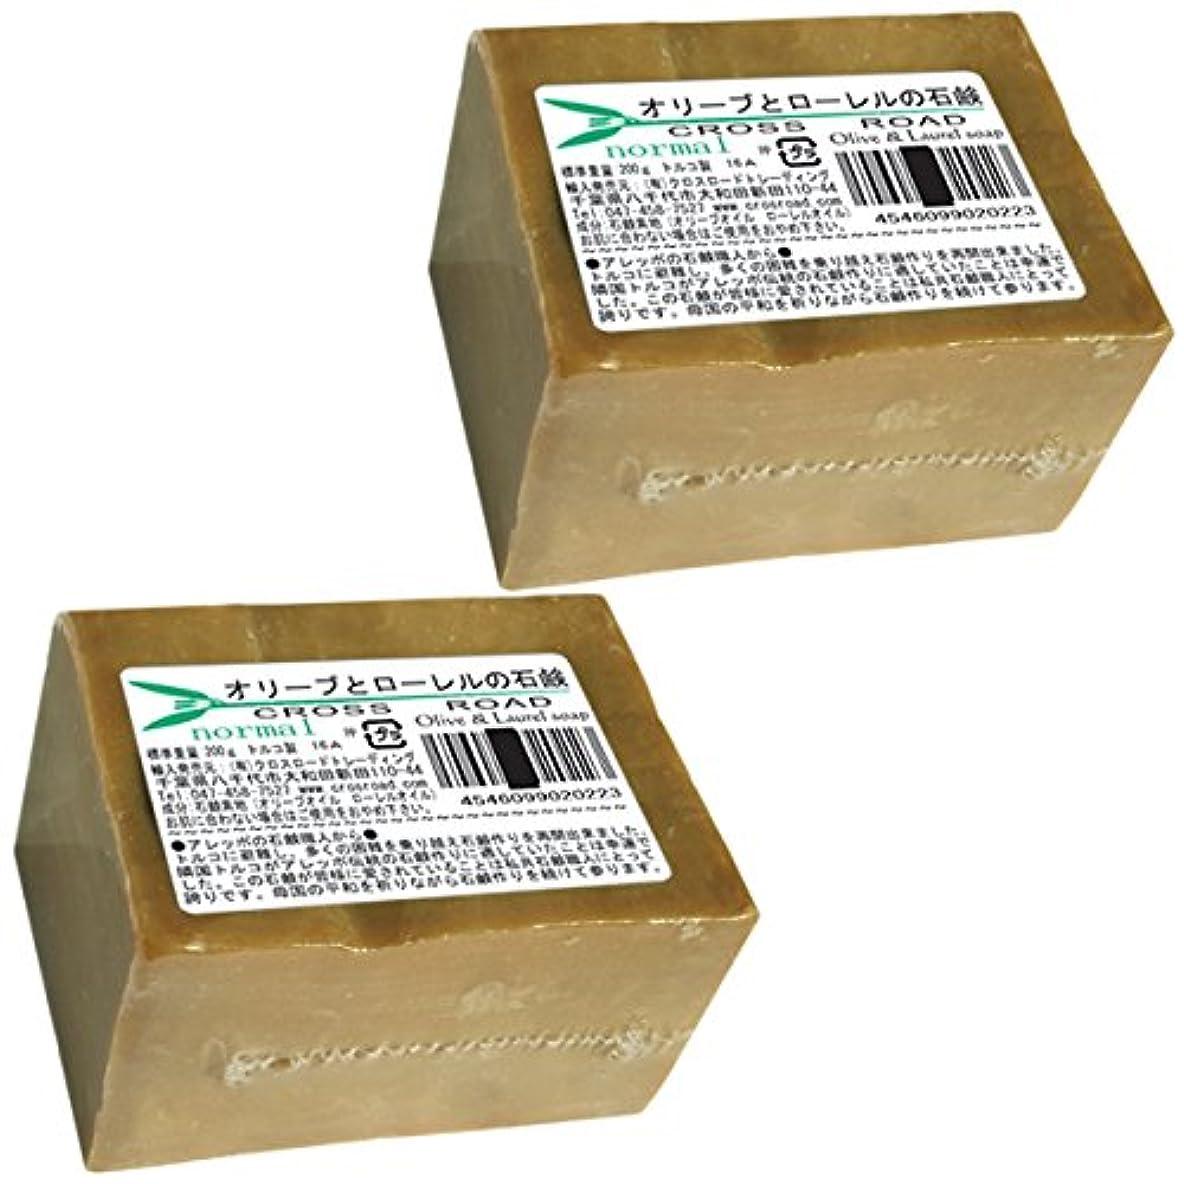 クライマックス失態含意オリーブとローレルの石鹸(ノーマル)2個セット[並行輸入品]